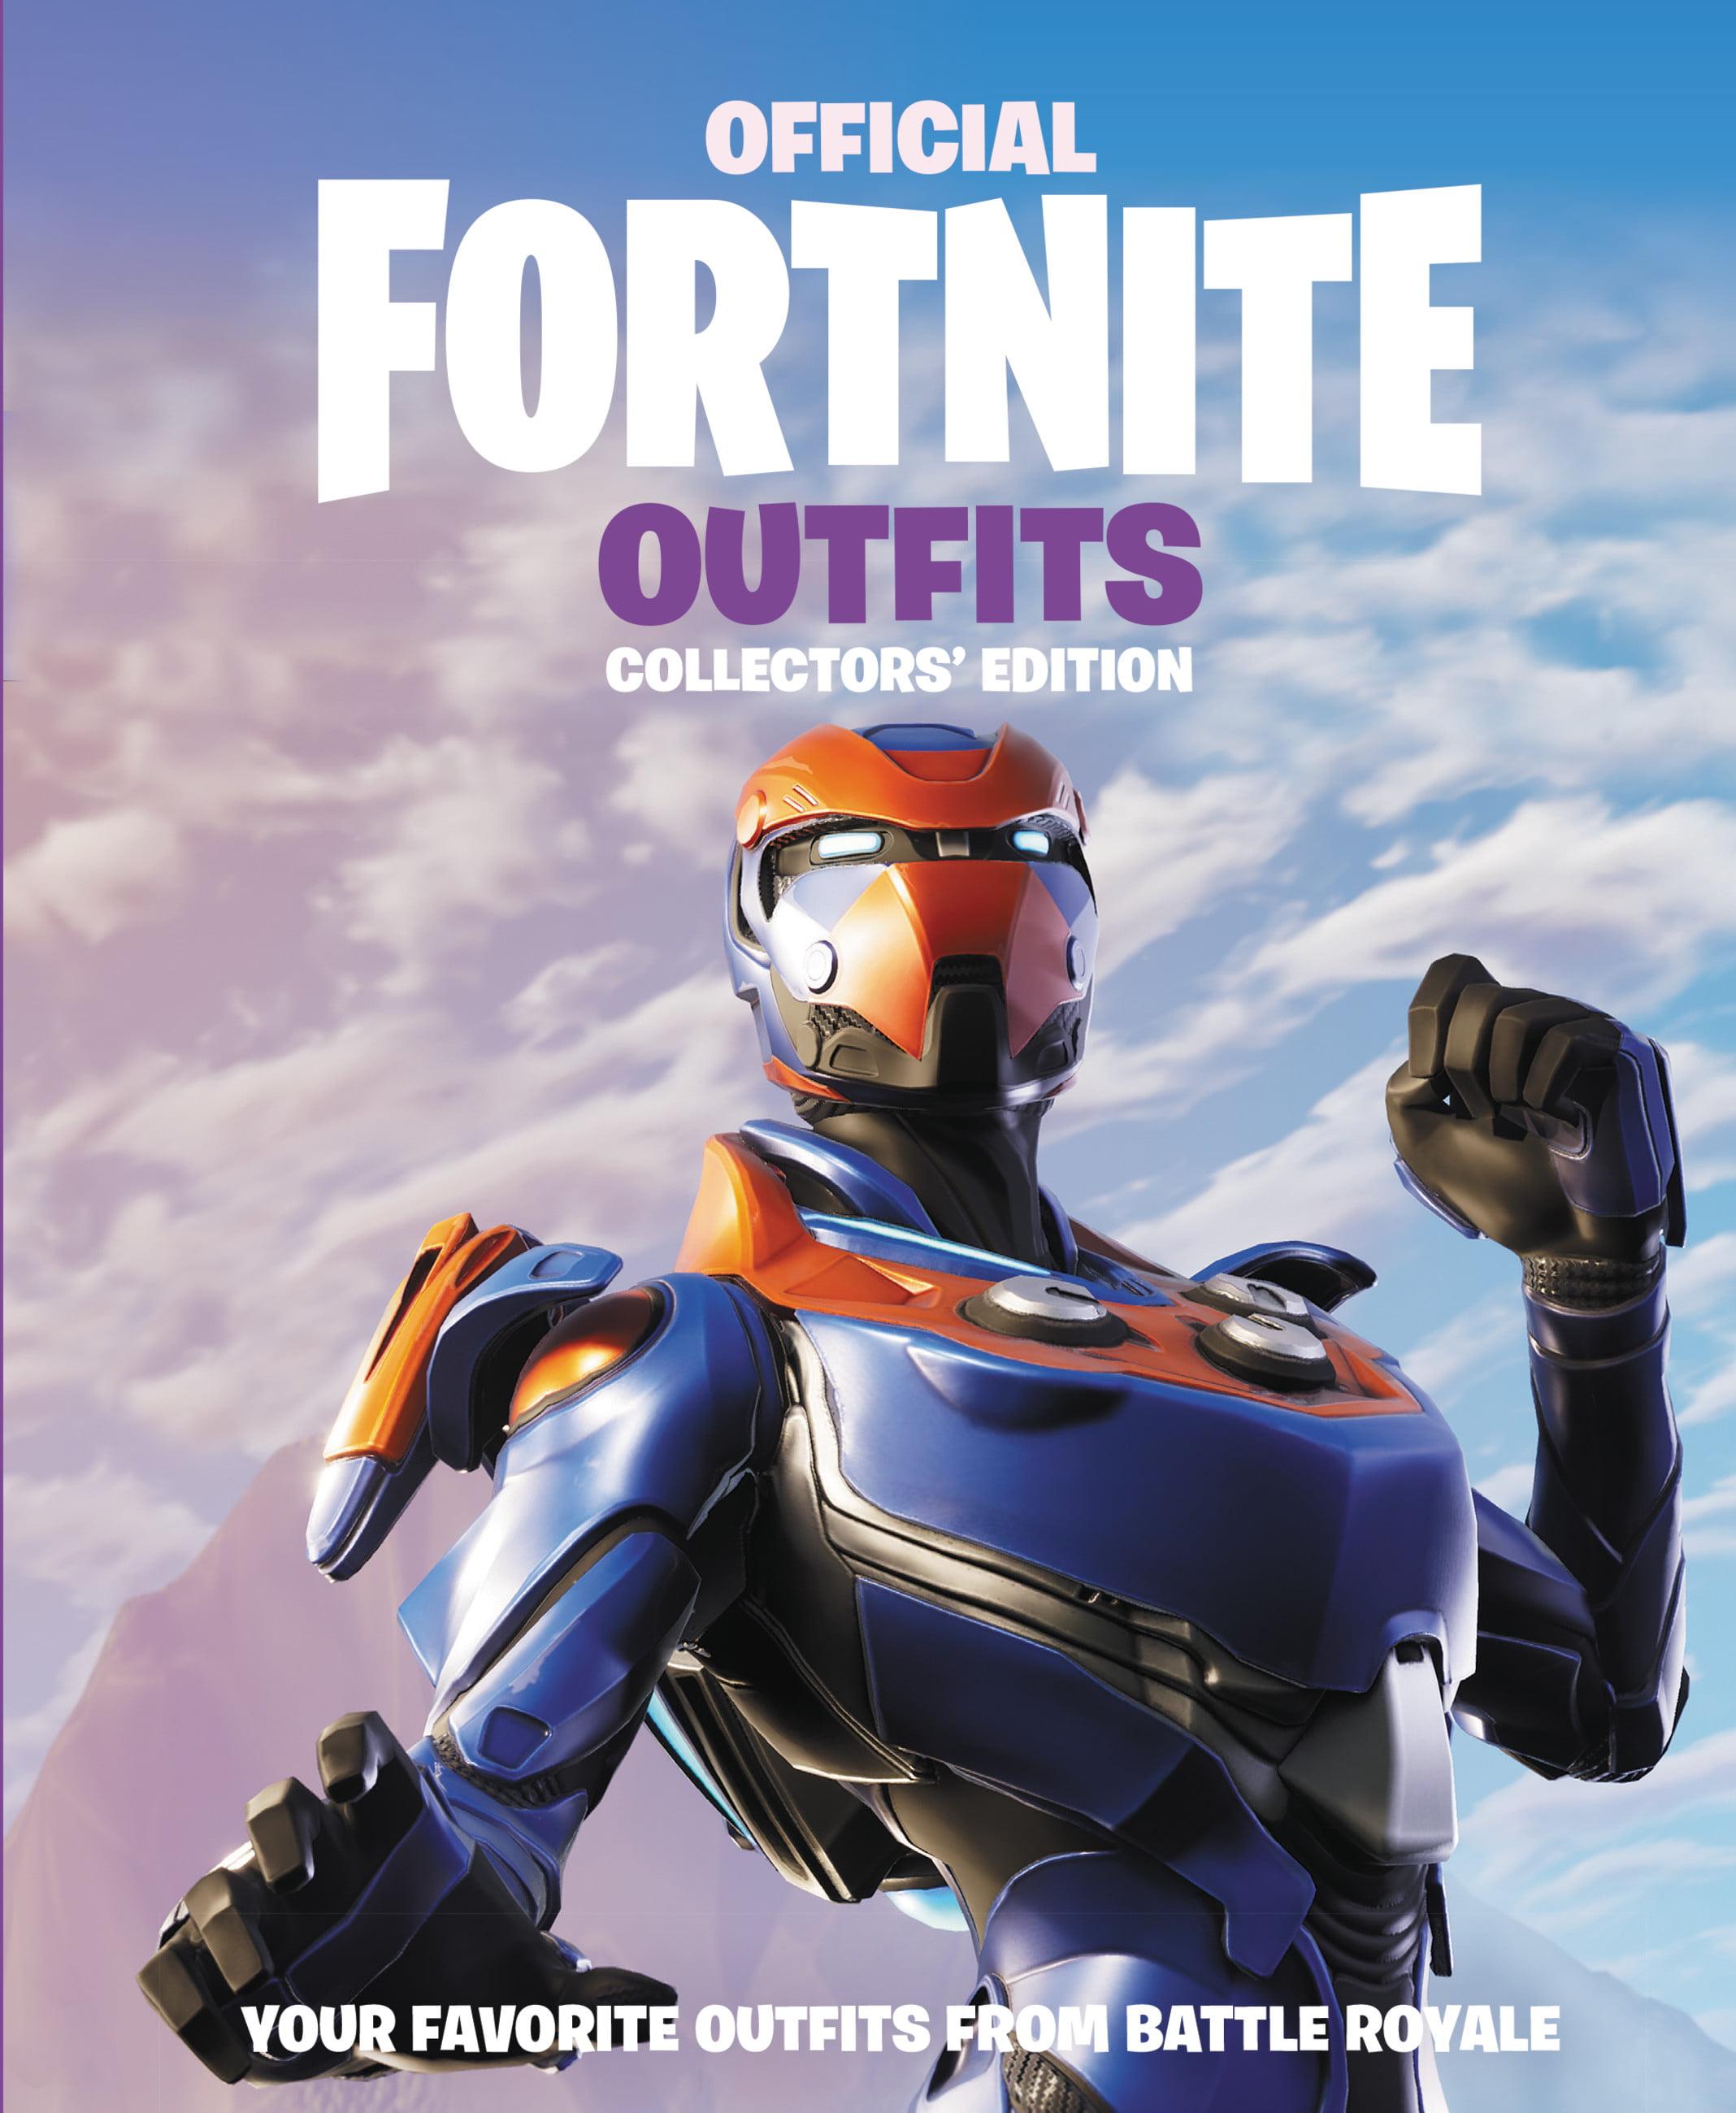 Fortnite Camp Uk Fortnite Official Outfits Collectors Edition Walmart Com Walmart Com